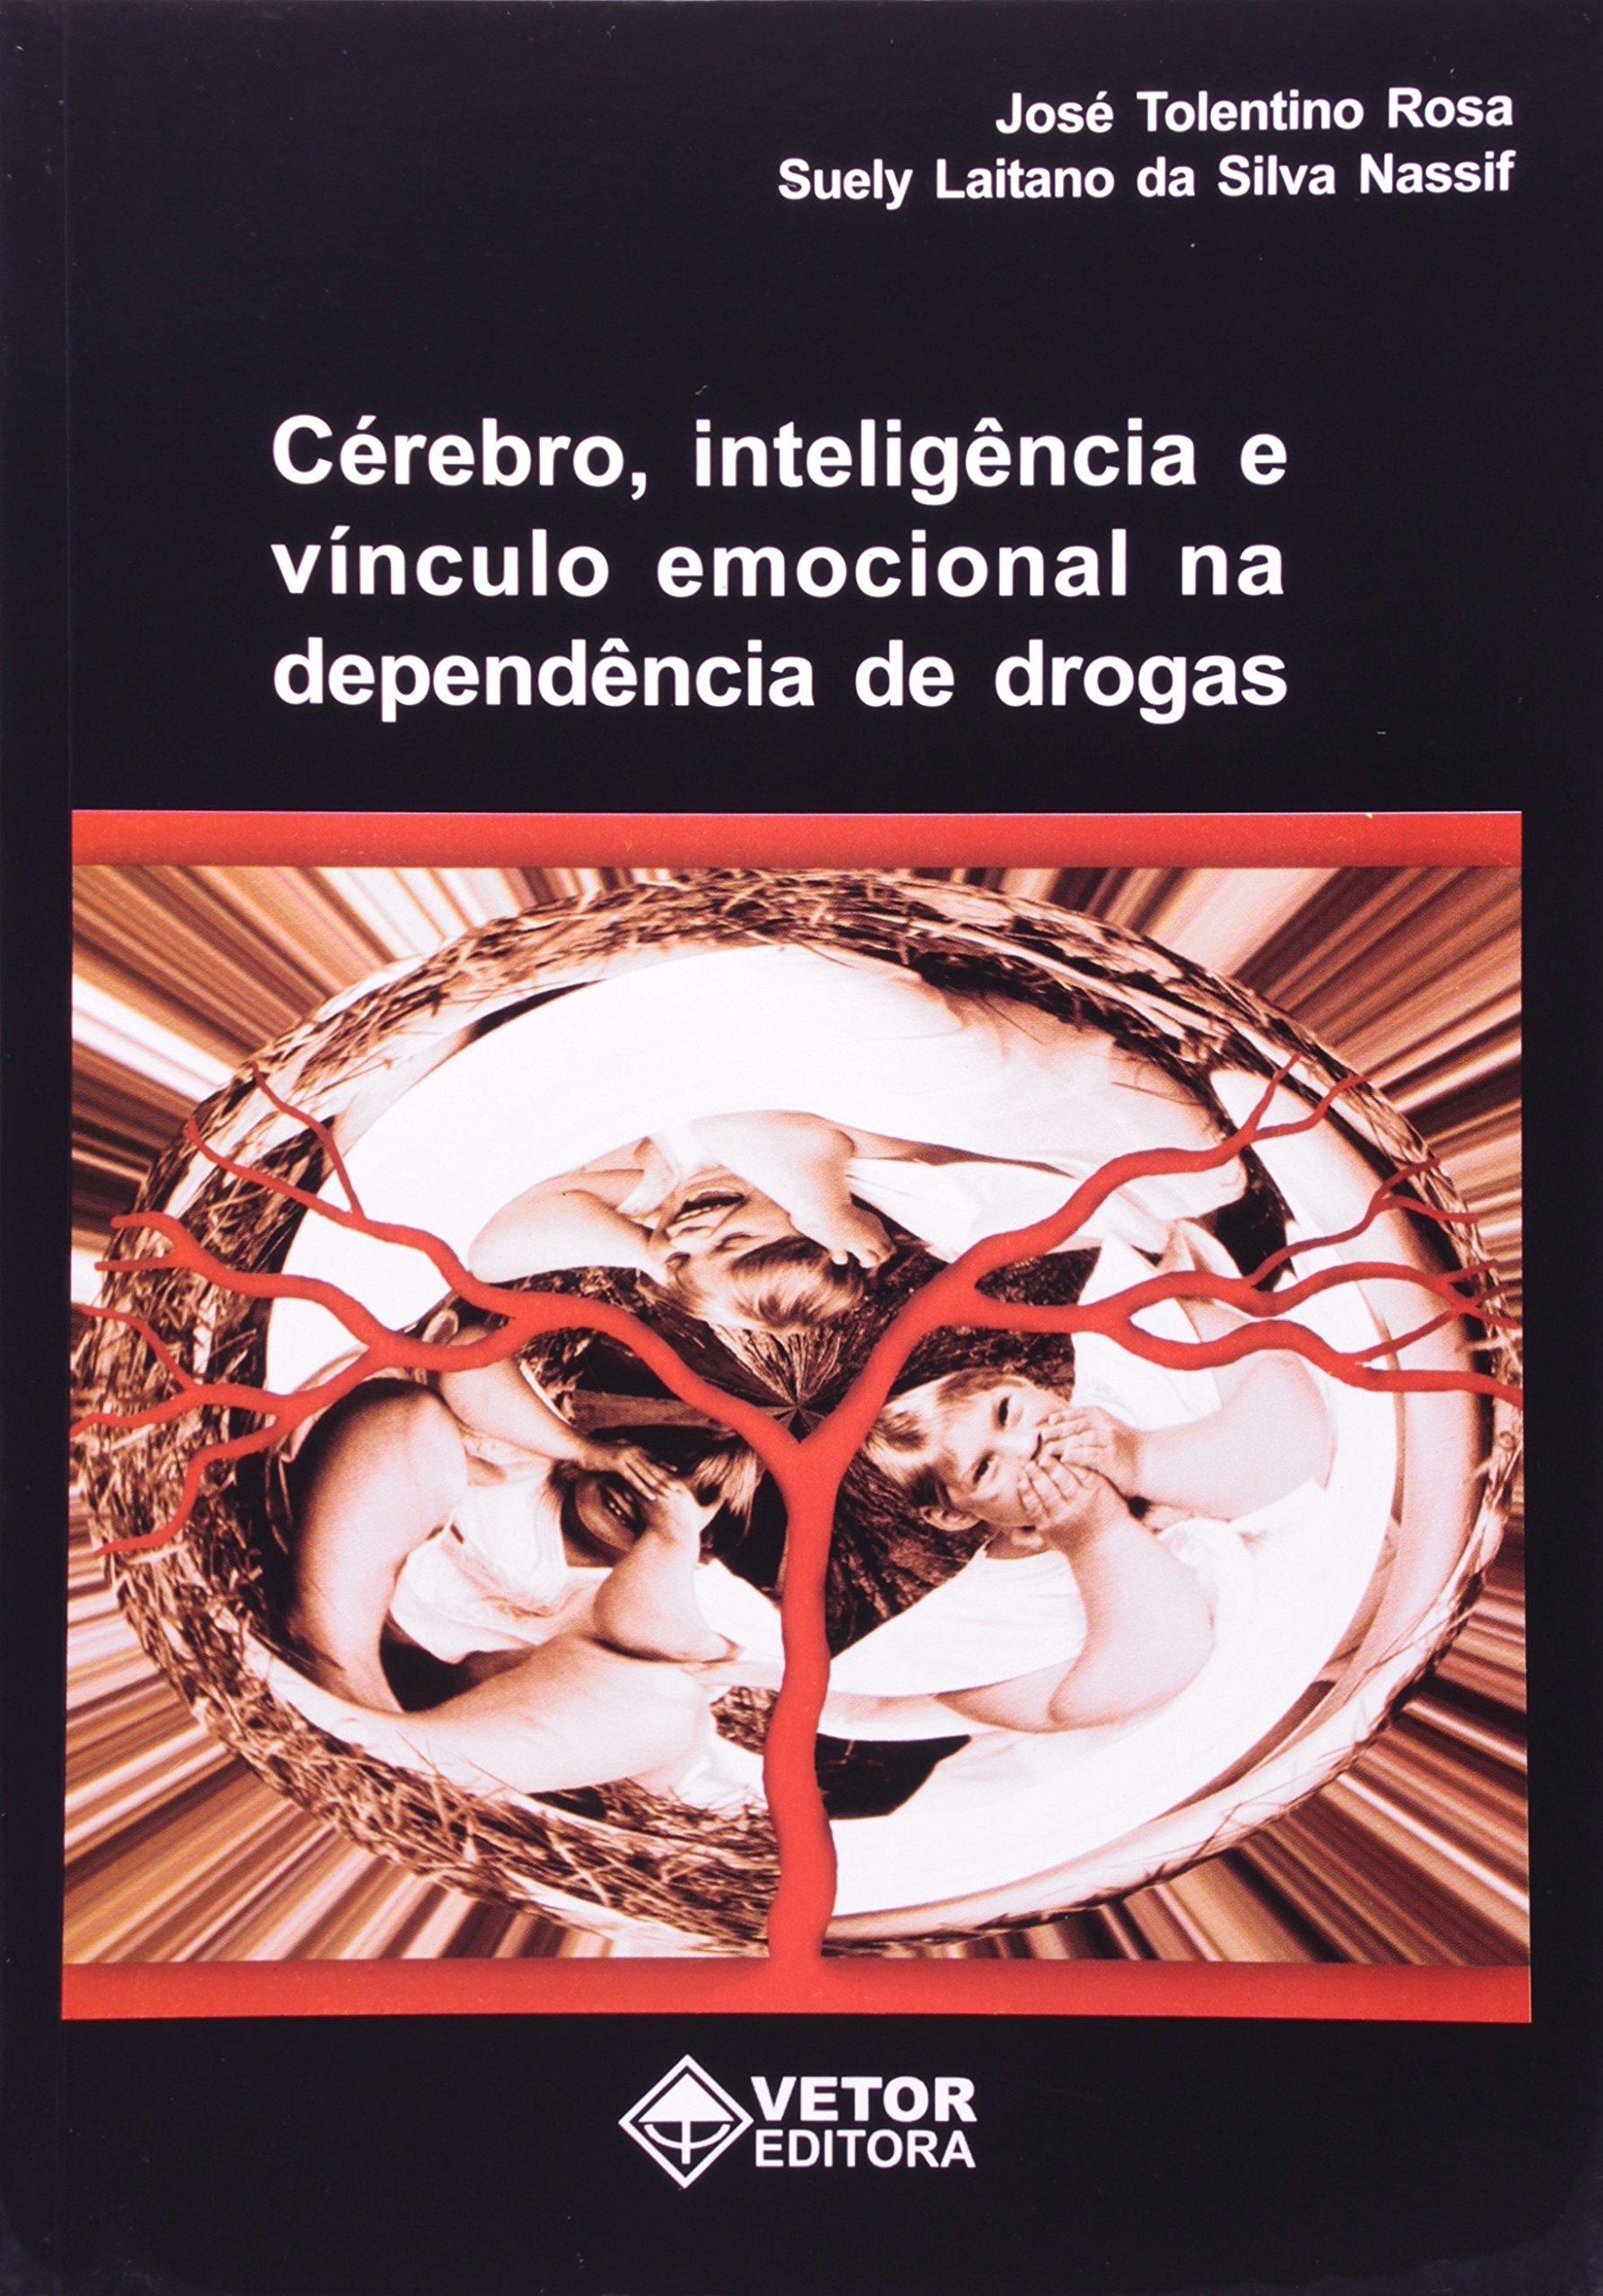 Cérebro, Inteligência e Vínculo Emocional na Dependência de Drogas: Jose Tolentino Rosa: 9788575850527: Amazon.com: Books